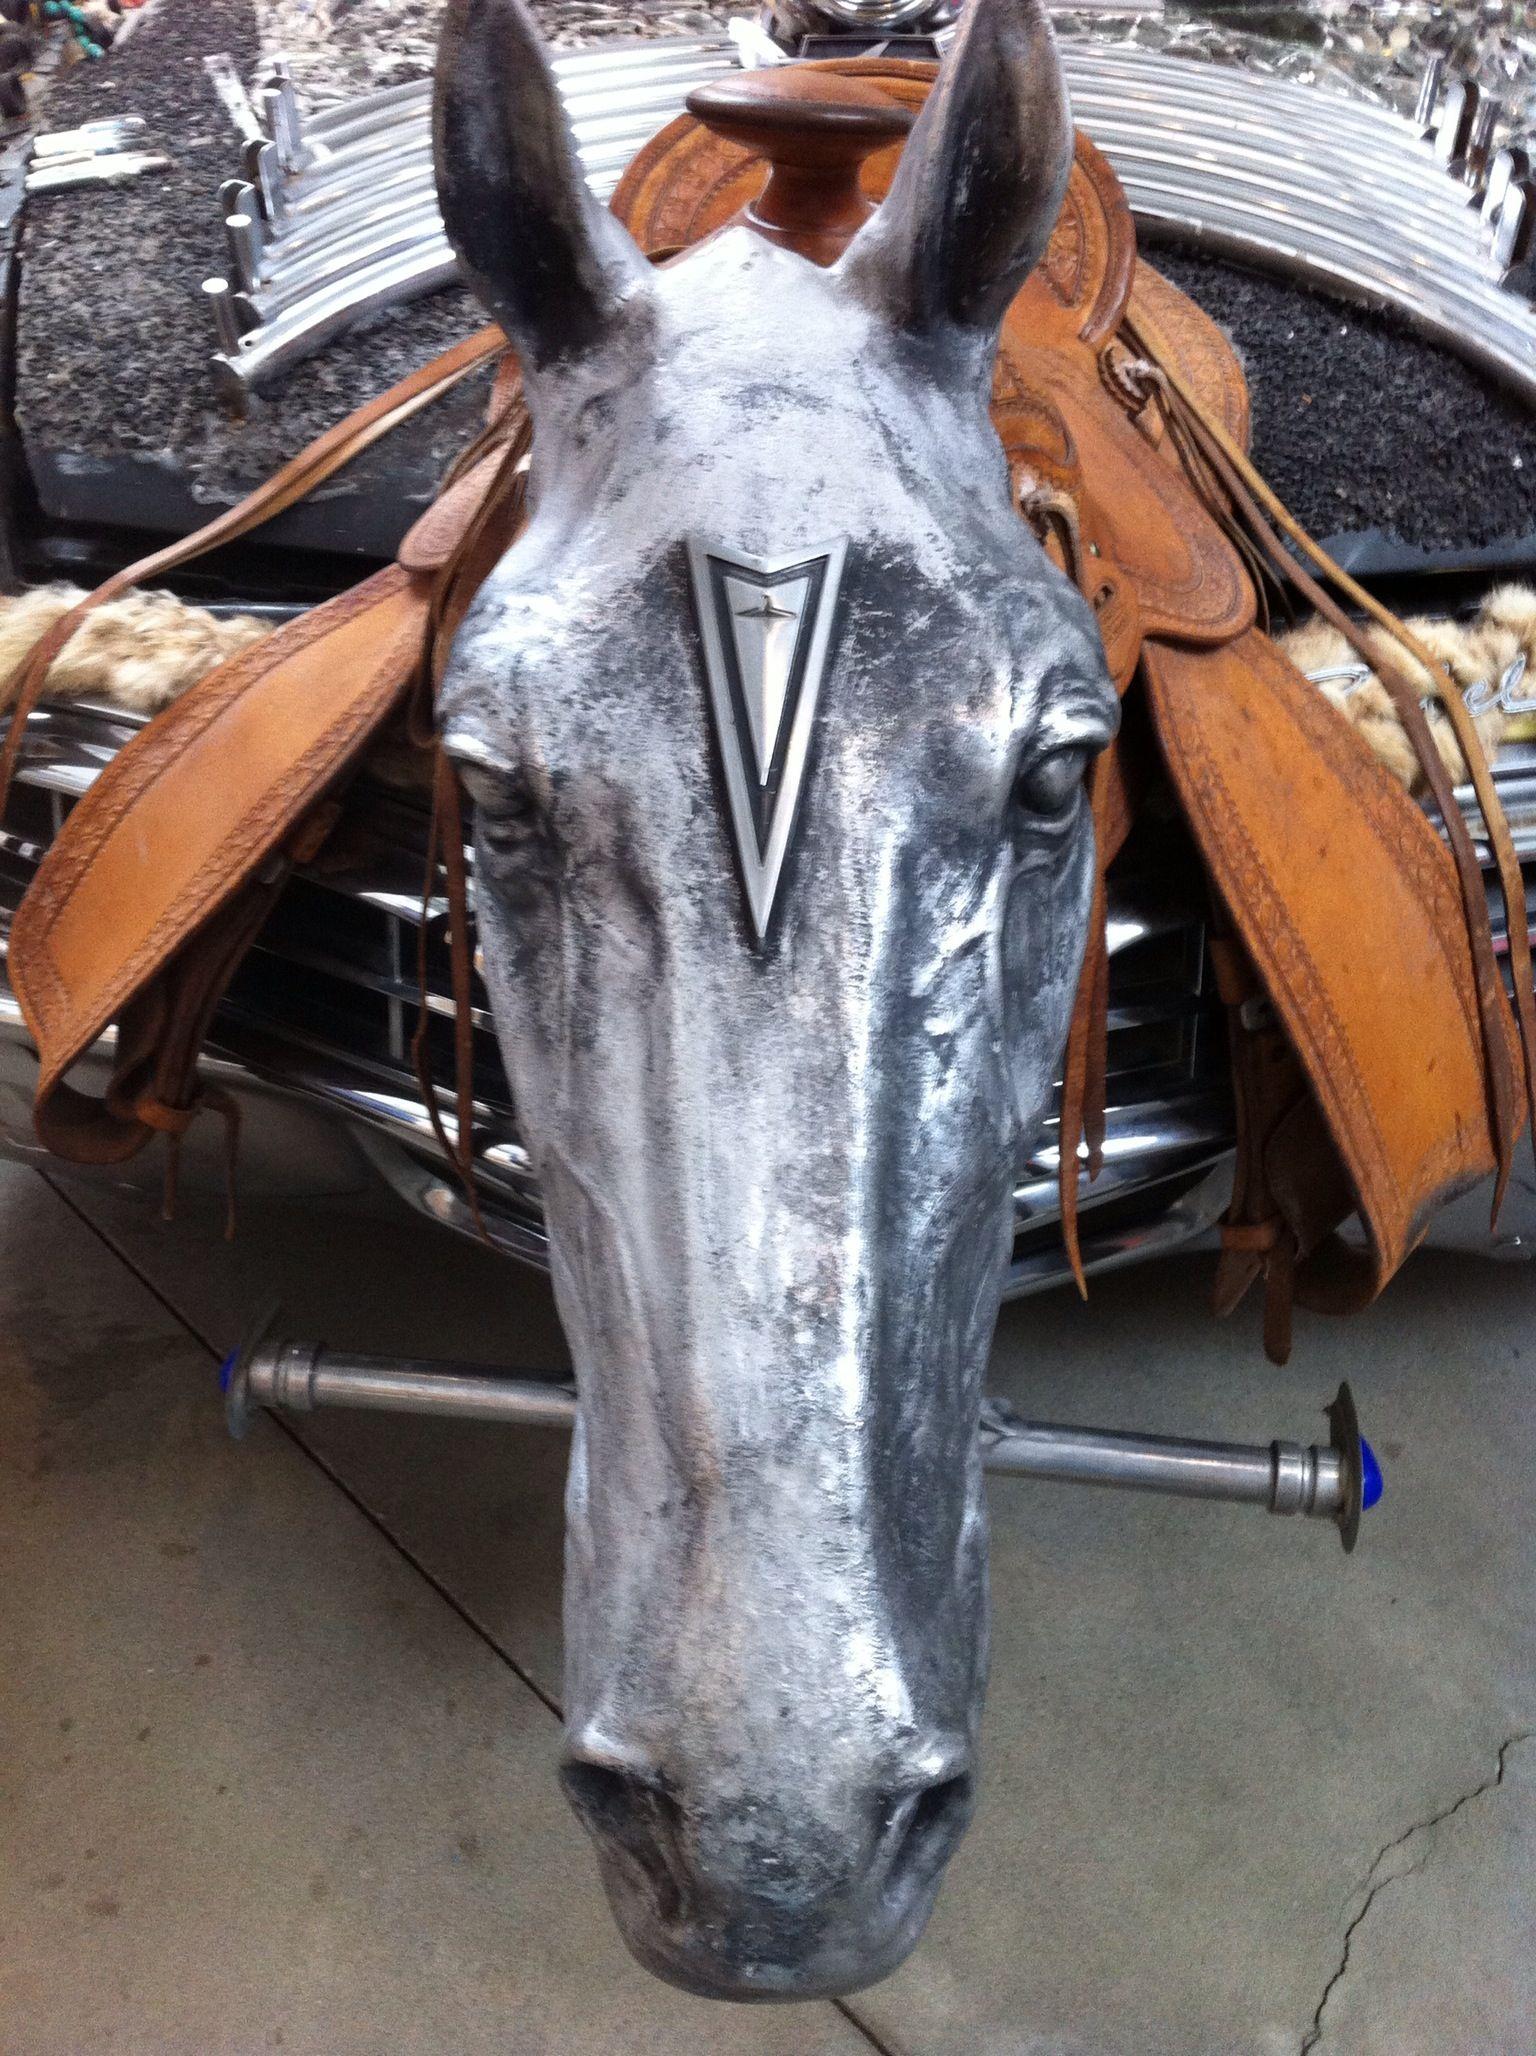 Chevy horse art car di Rosa gallery Napa CA Art Cars